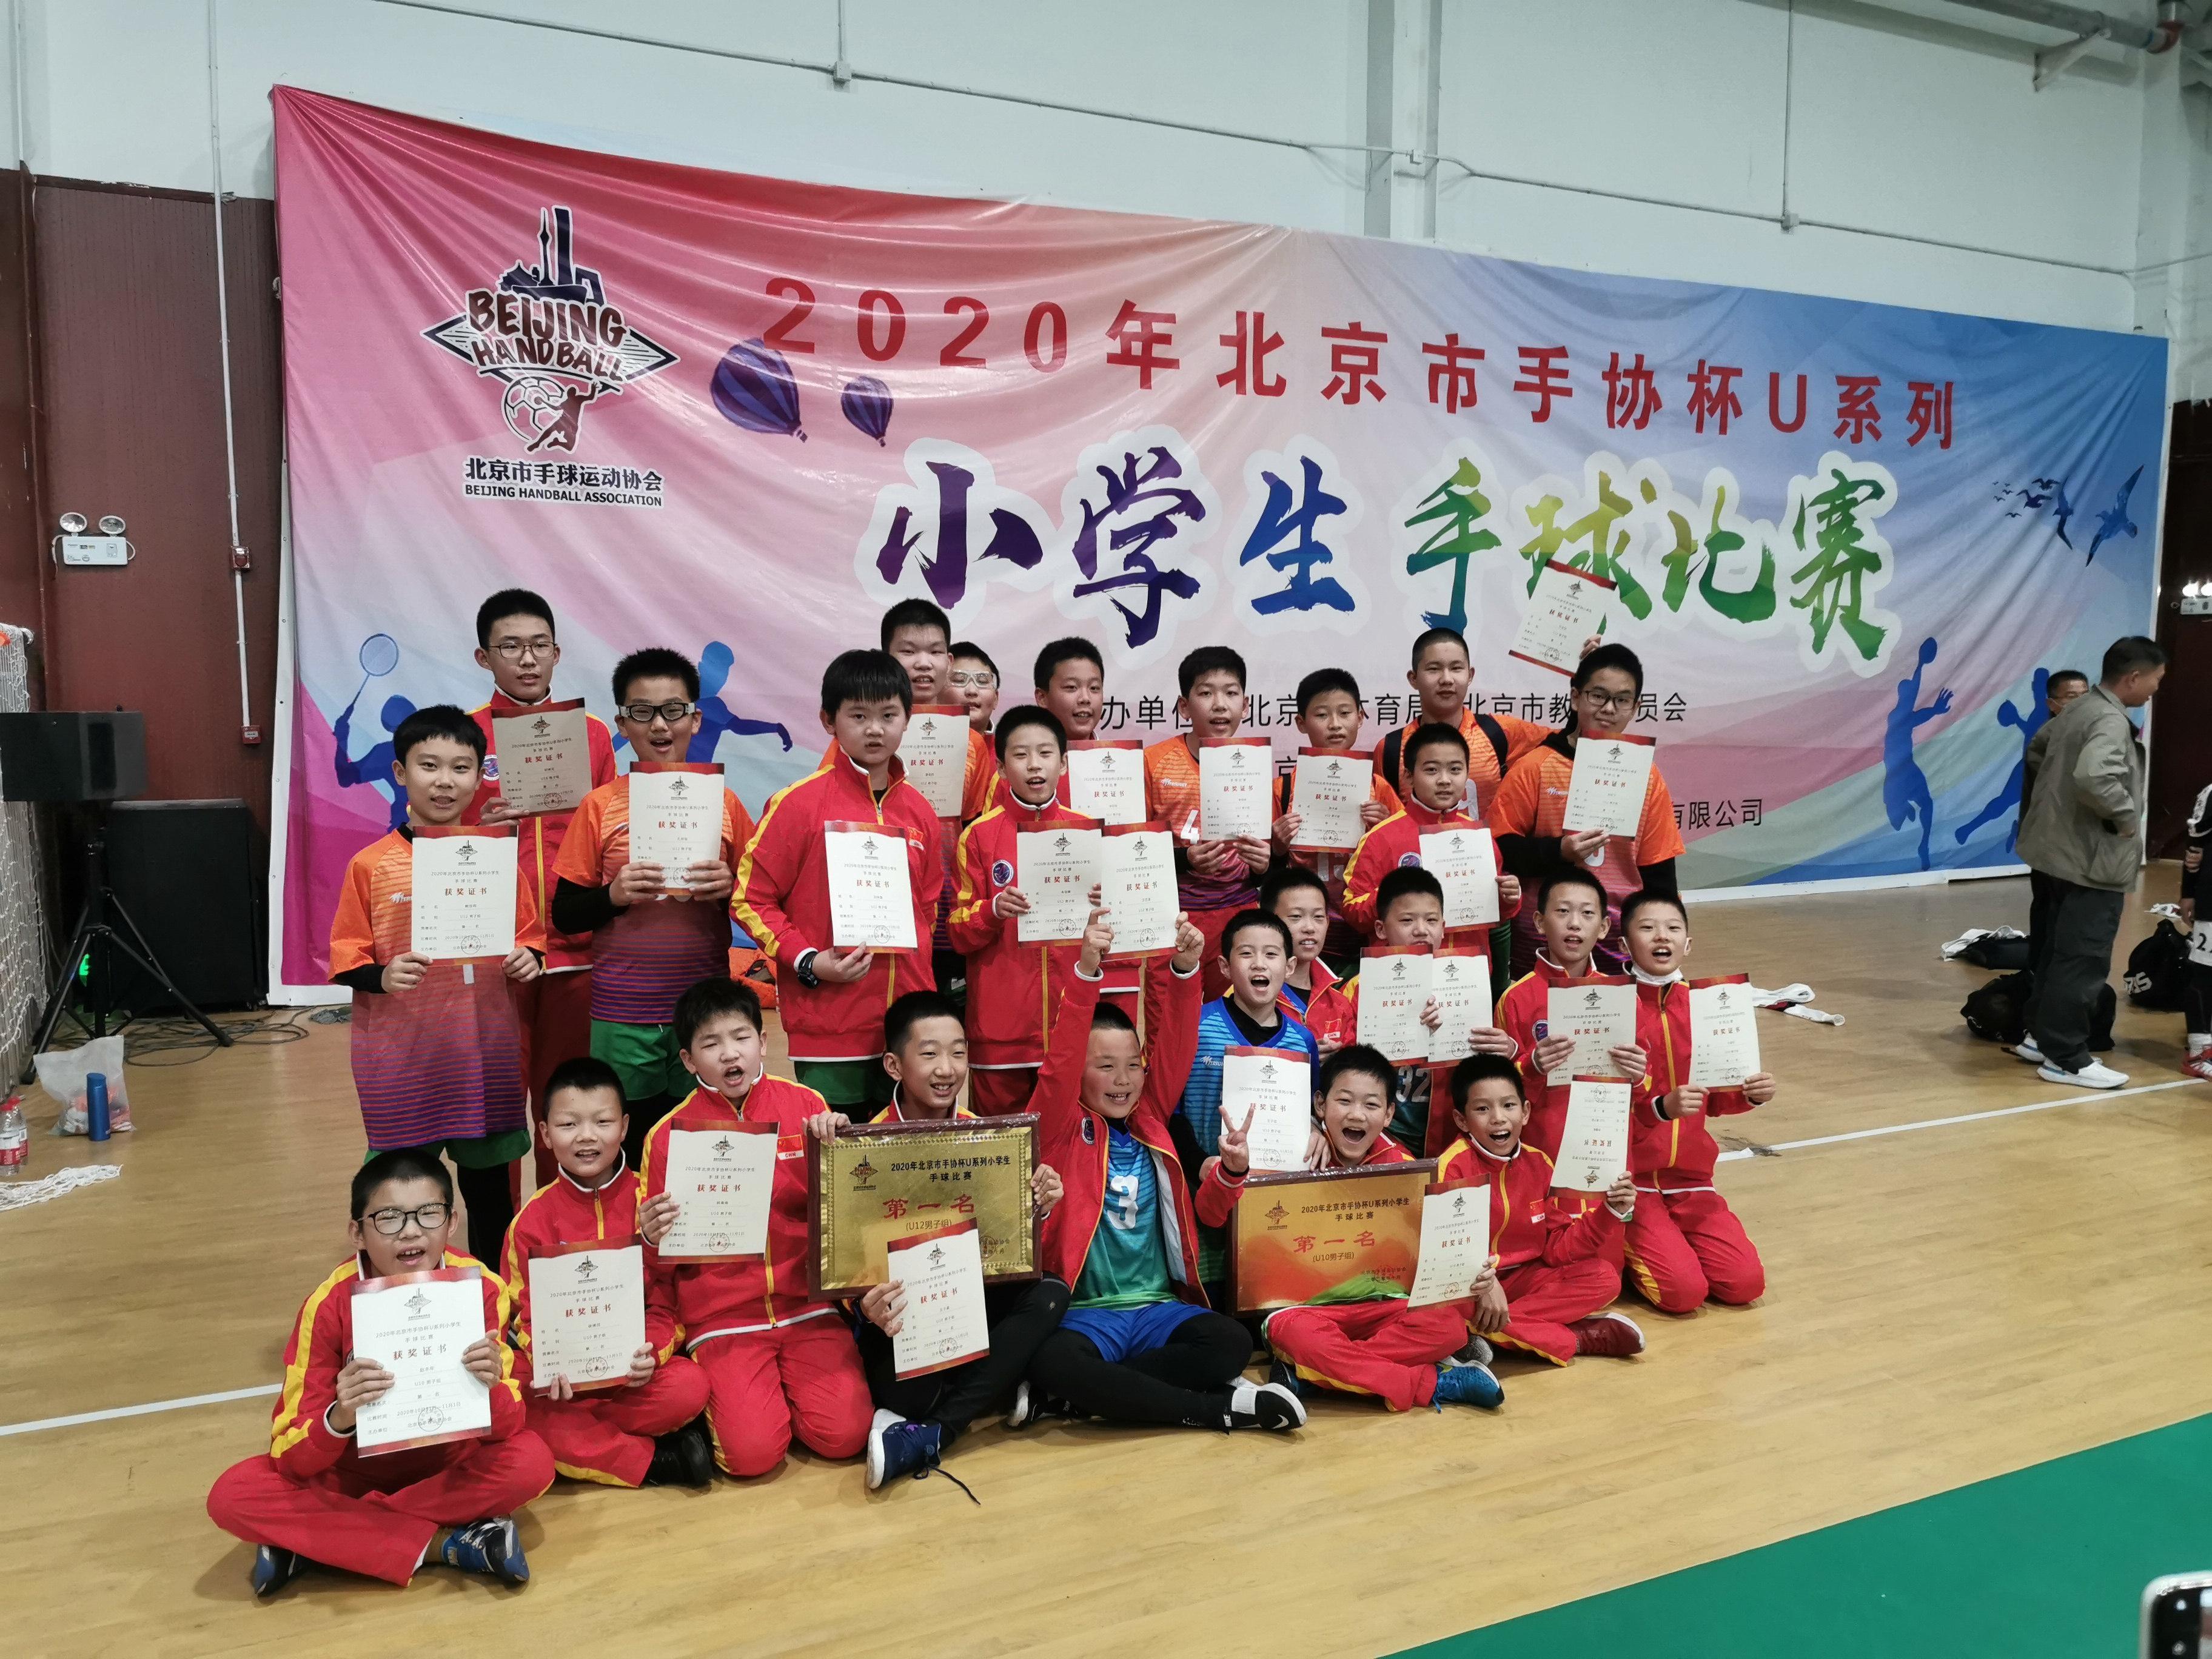 U10男子组、U12男子组均以全胜的战绩摘得桂冠.jpeg